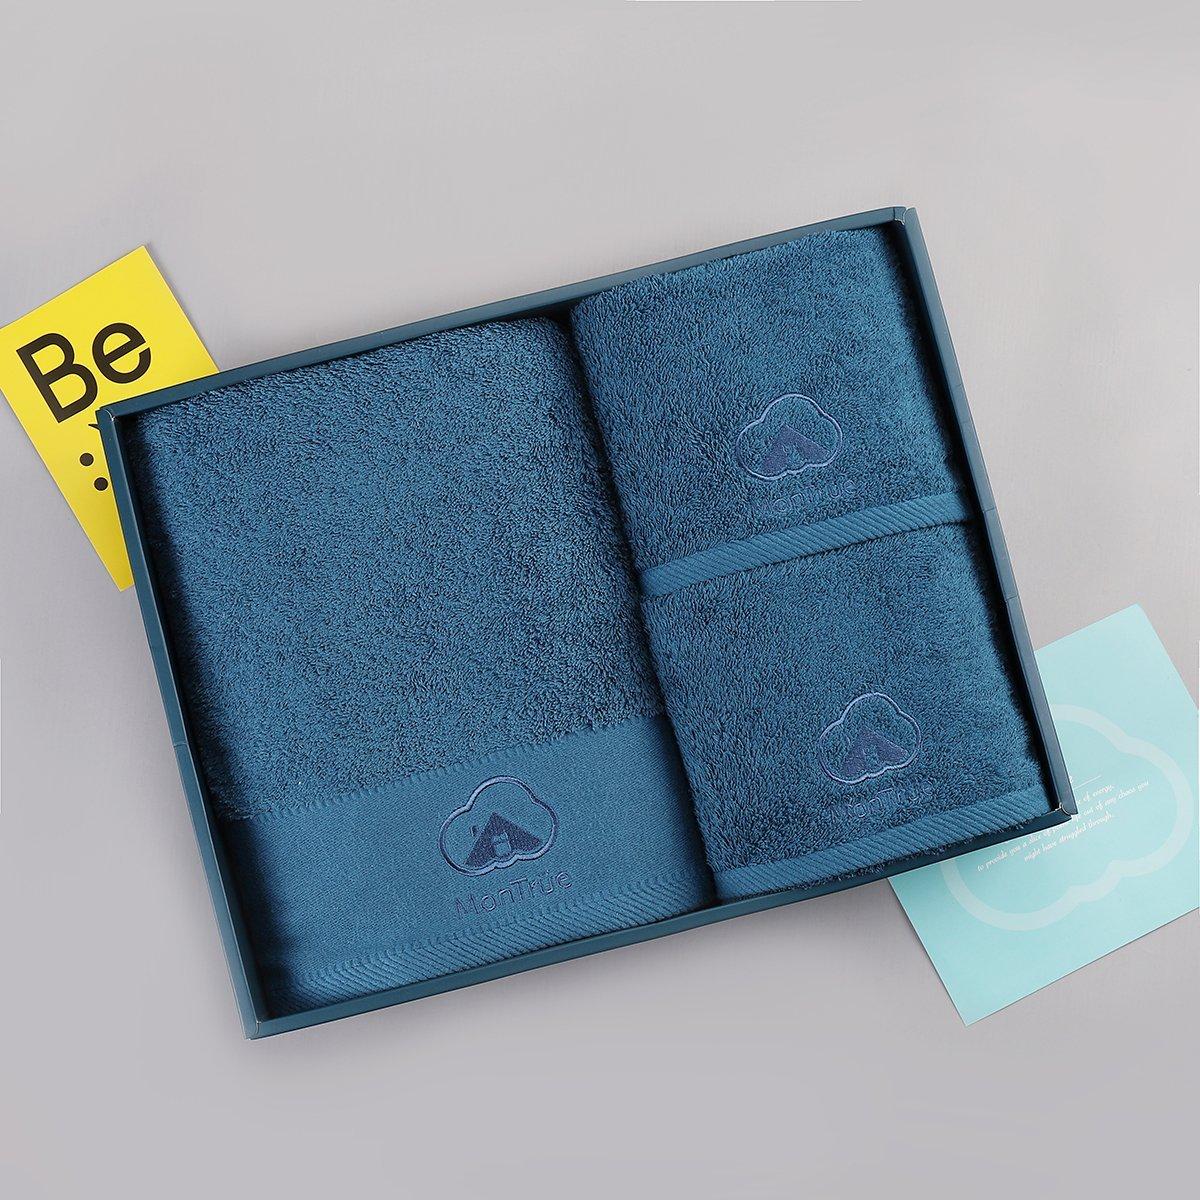 MonTrüe Luxus 500 gsm de Grosor wasserabsorbierendes Toalla Juego de Toalla, 1 y 2 Toallas de Mano, 100% algodón, Pavo Real Azul: Amazon.es: Hogar